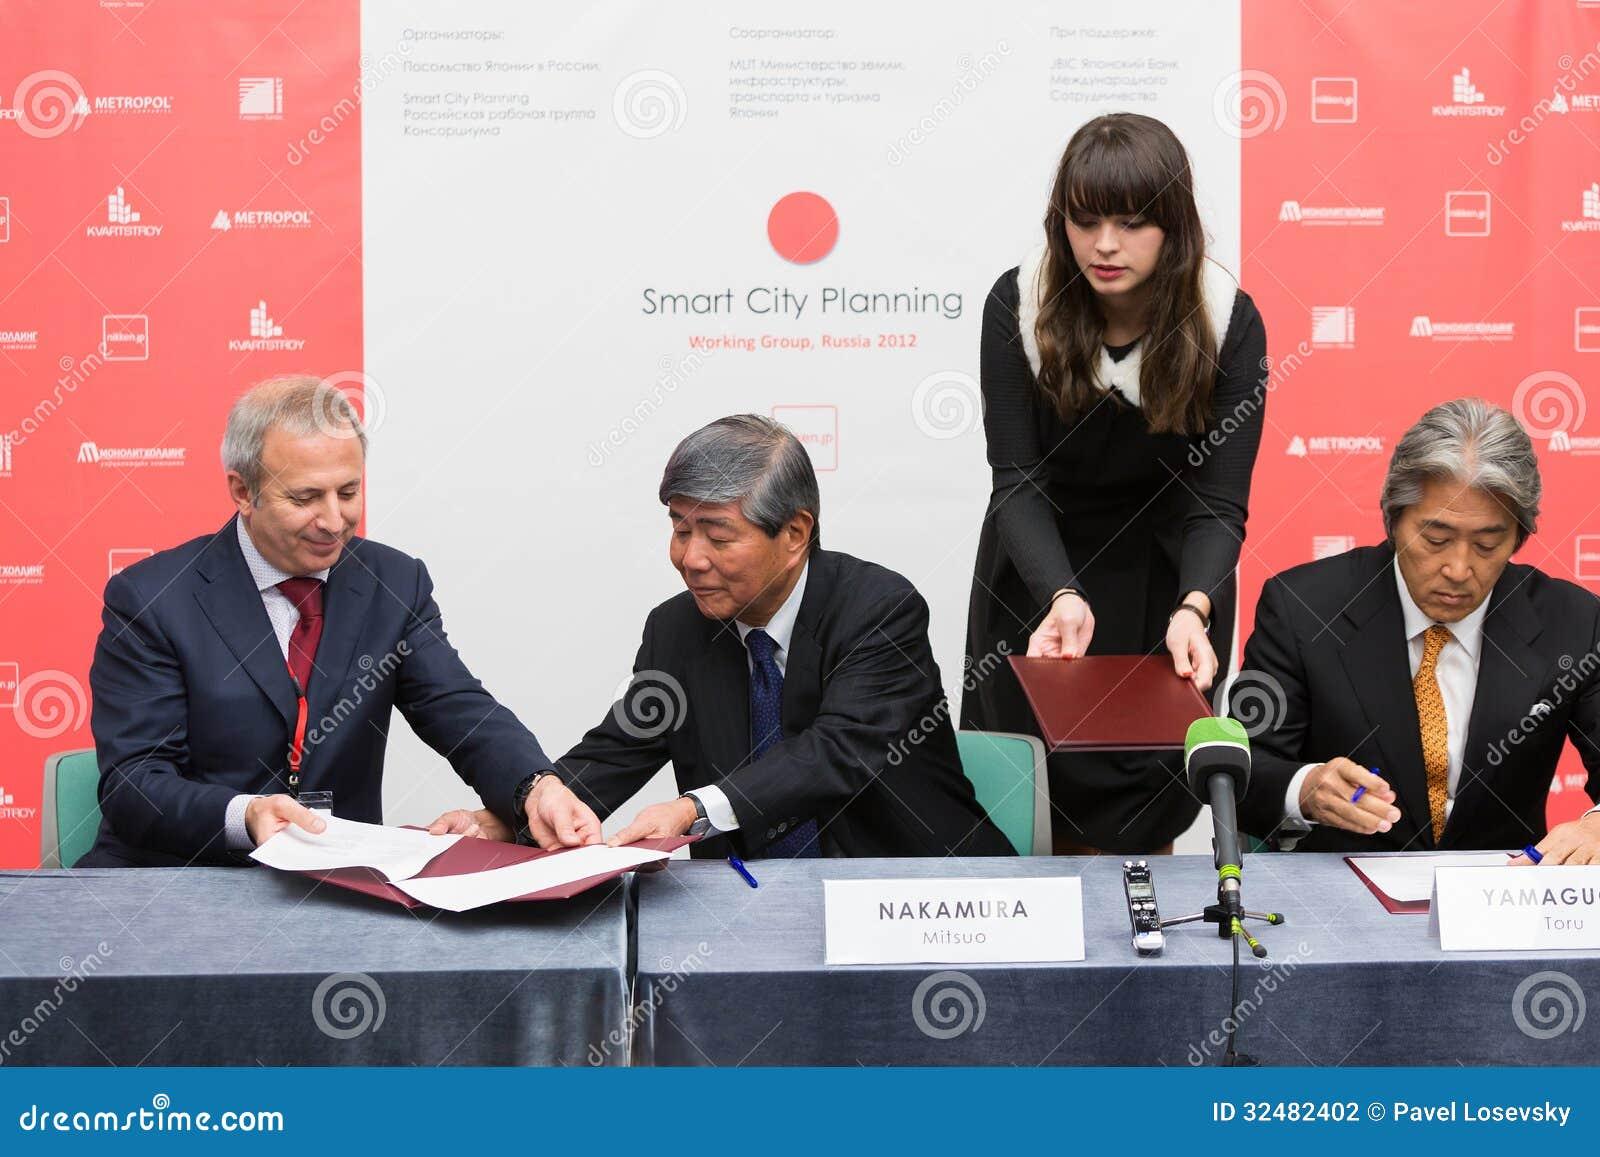 签字意向协定与几家私有俄国房地产公司的SCP